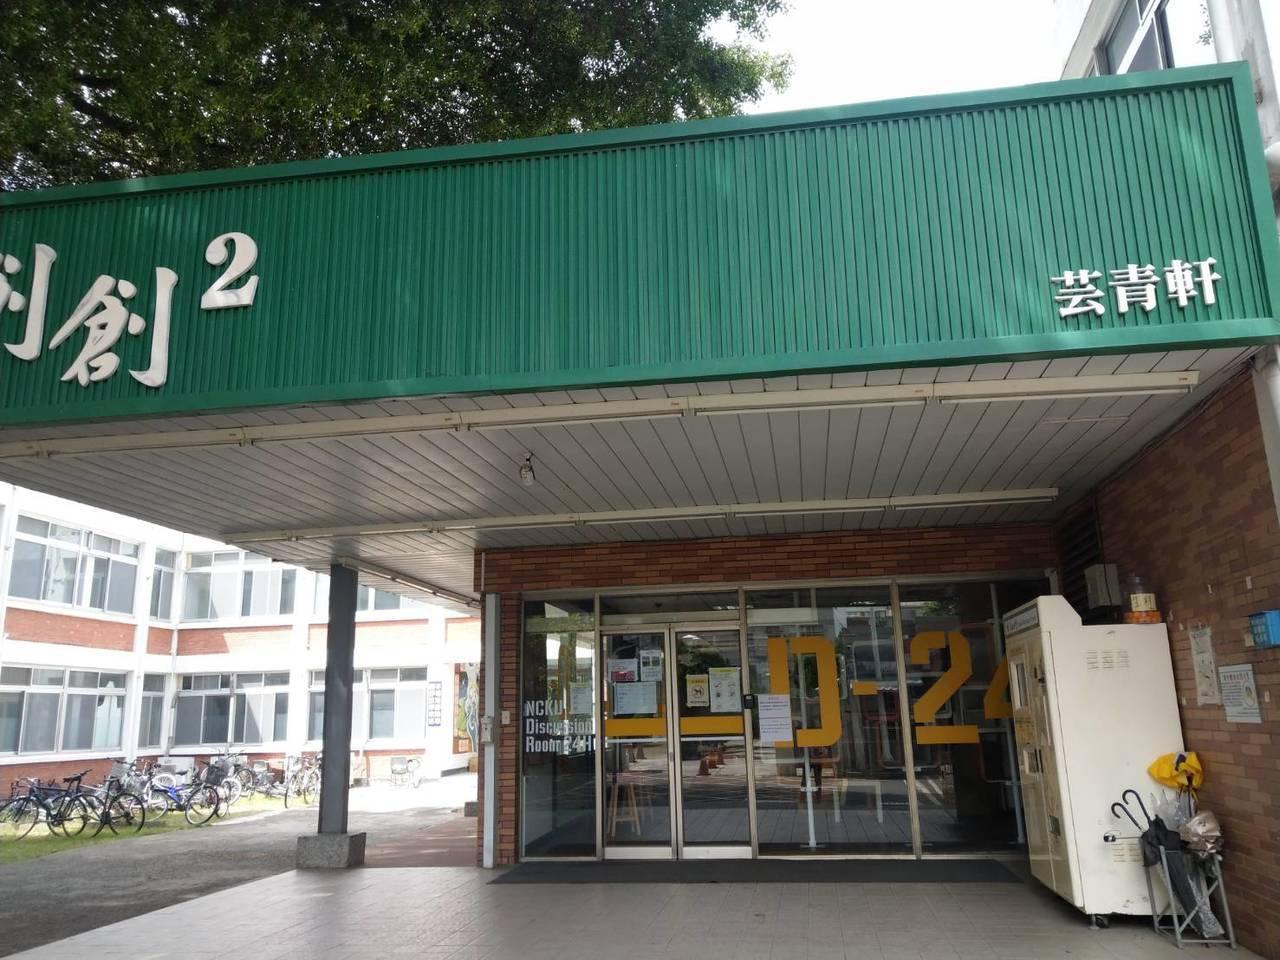 成大校園登革熱疫情再擴大,芸青軒活動中心無限期封閉。 圖/台南市衛生局提供